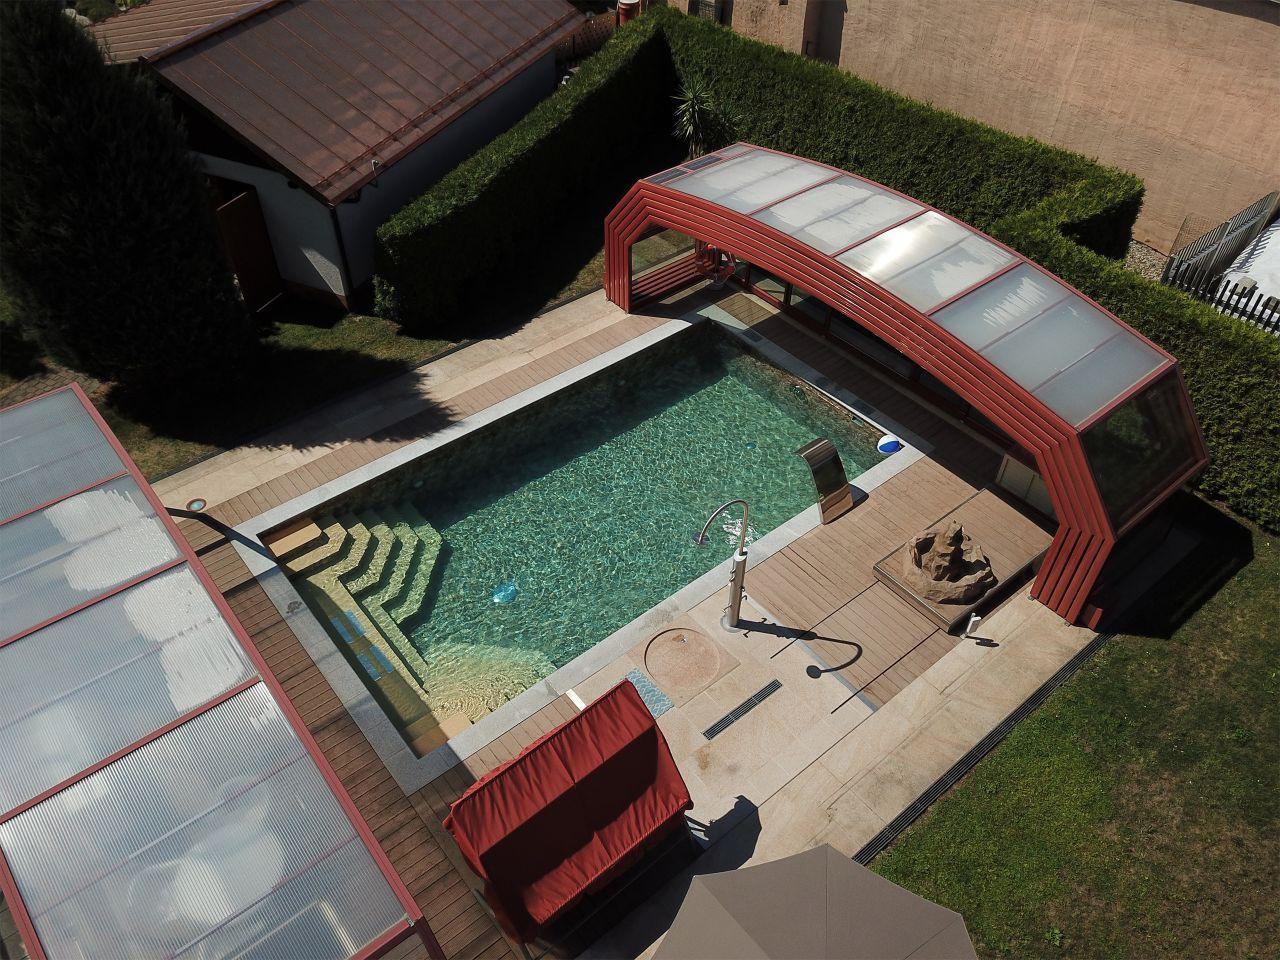 Schwimmbecken 4,5x9x1,50m mit Ecktreppen, Podest und Alkorplan 3D Touch